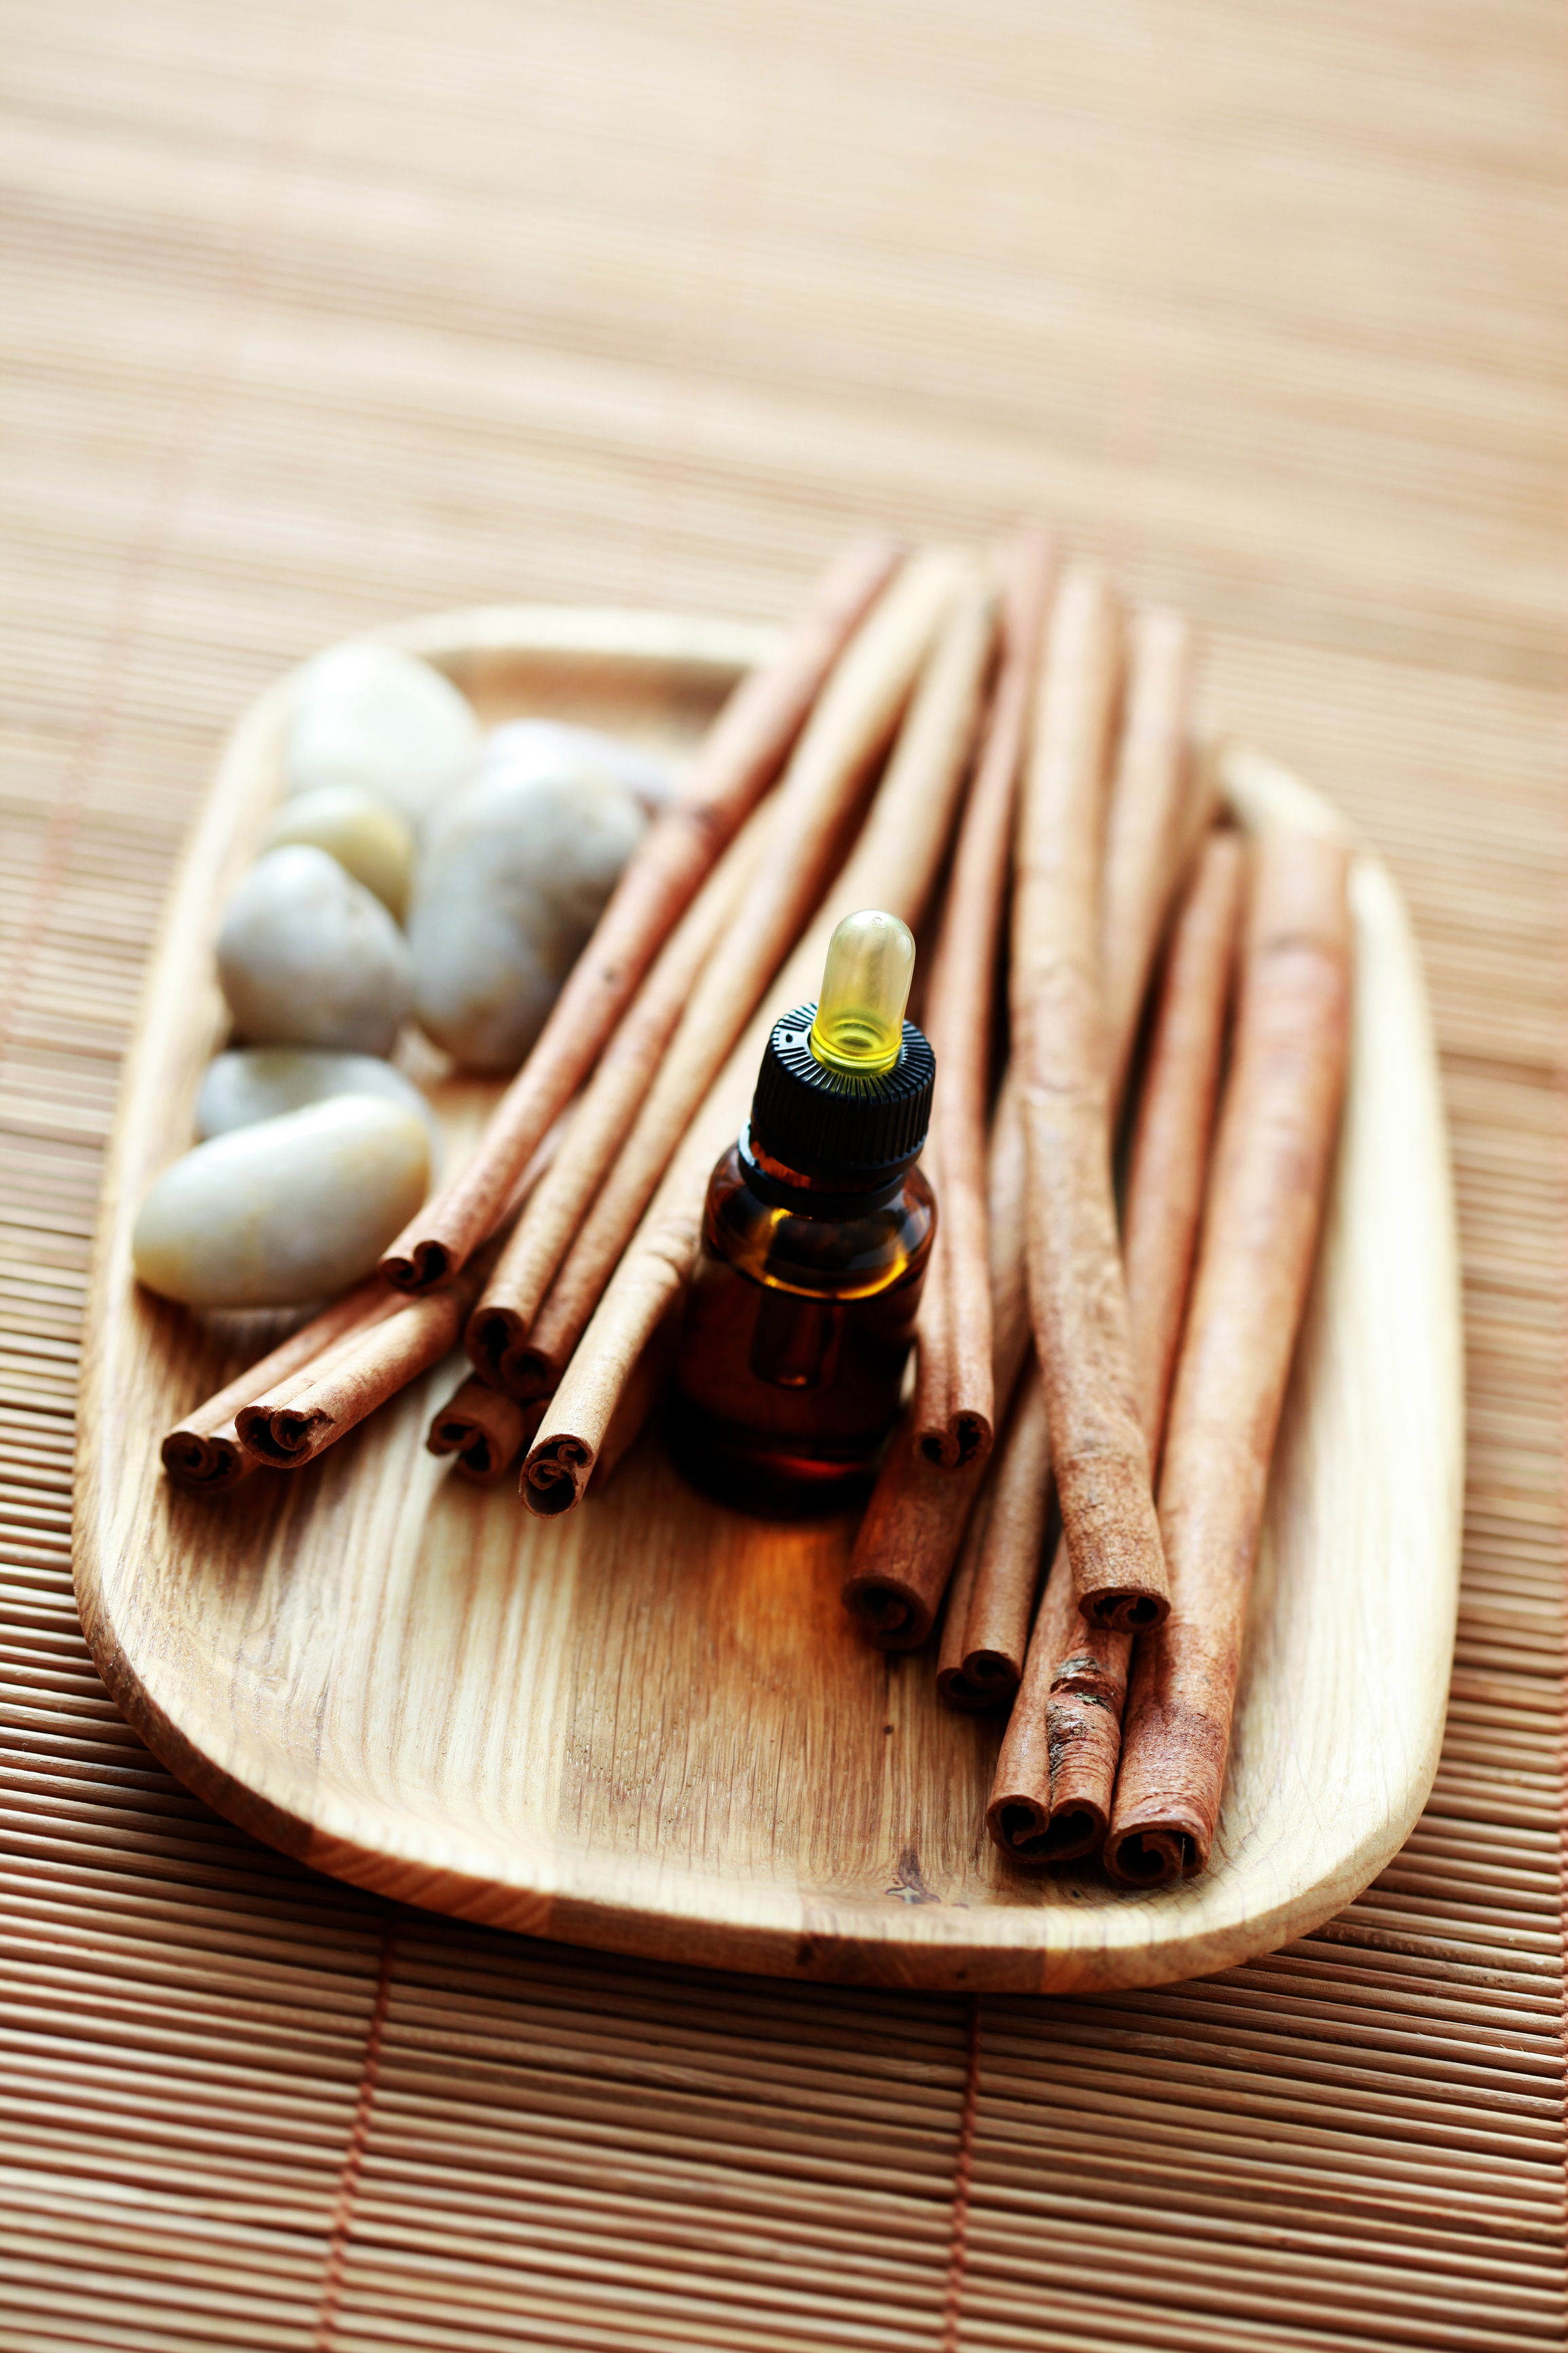 cinnamon_essential_oil_on_wood_tray